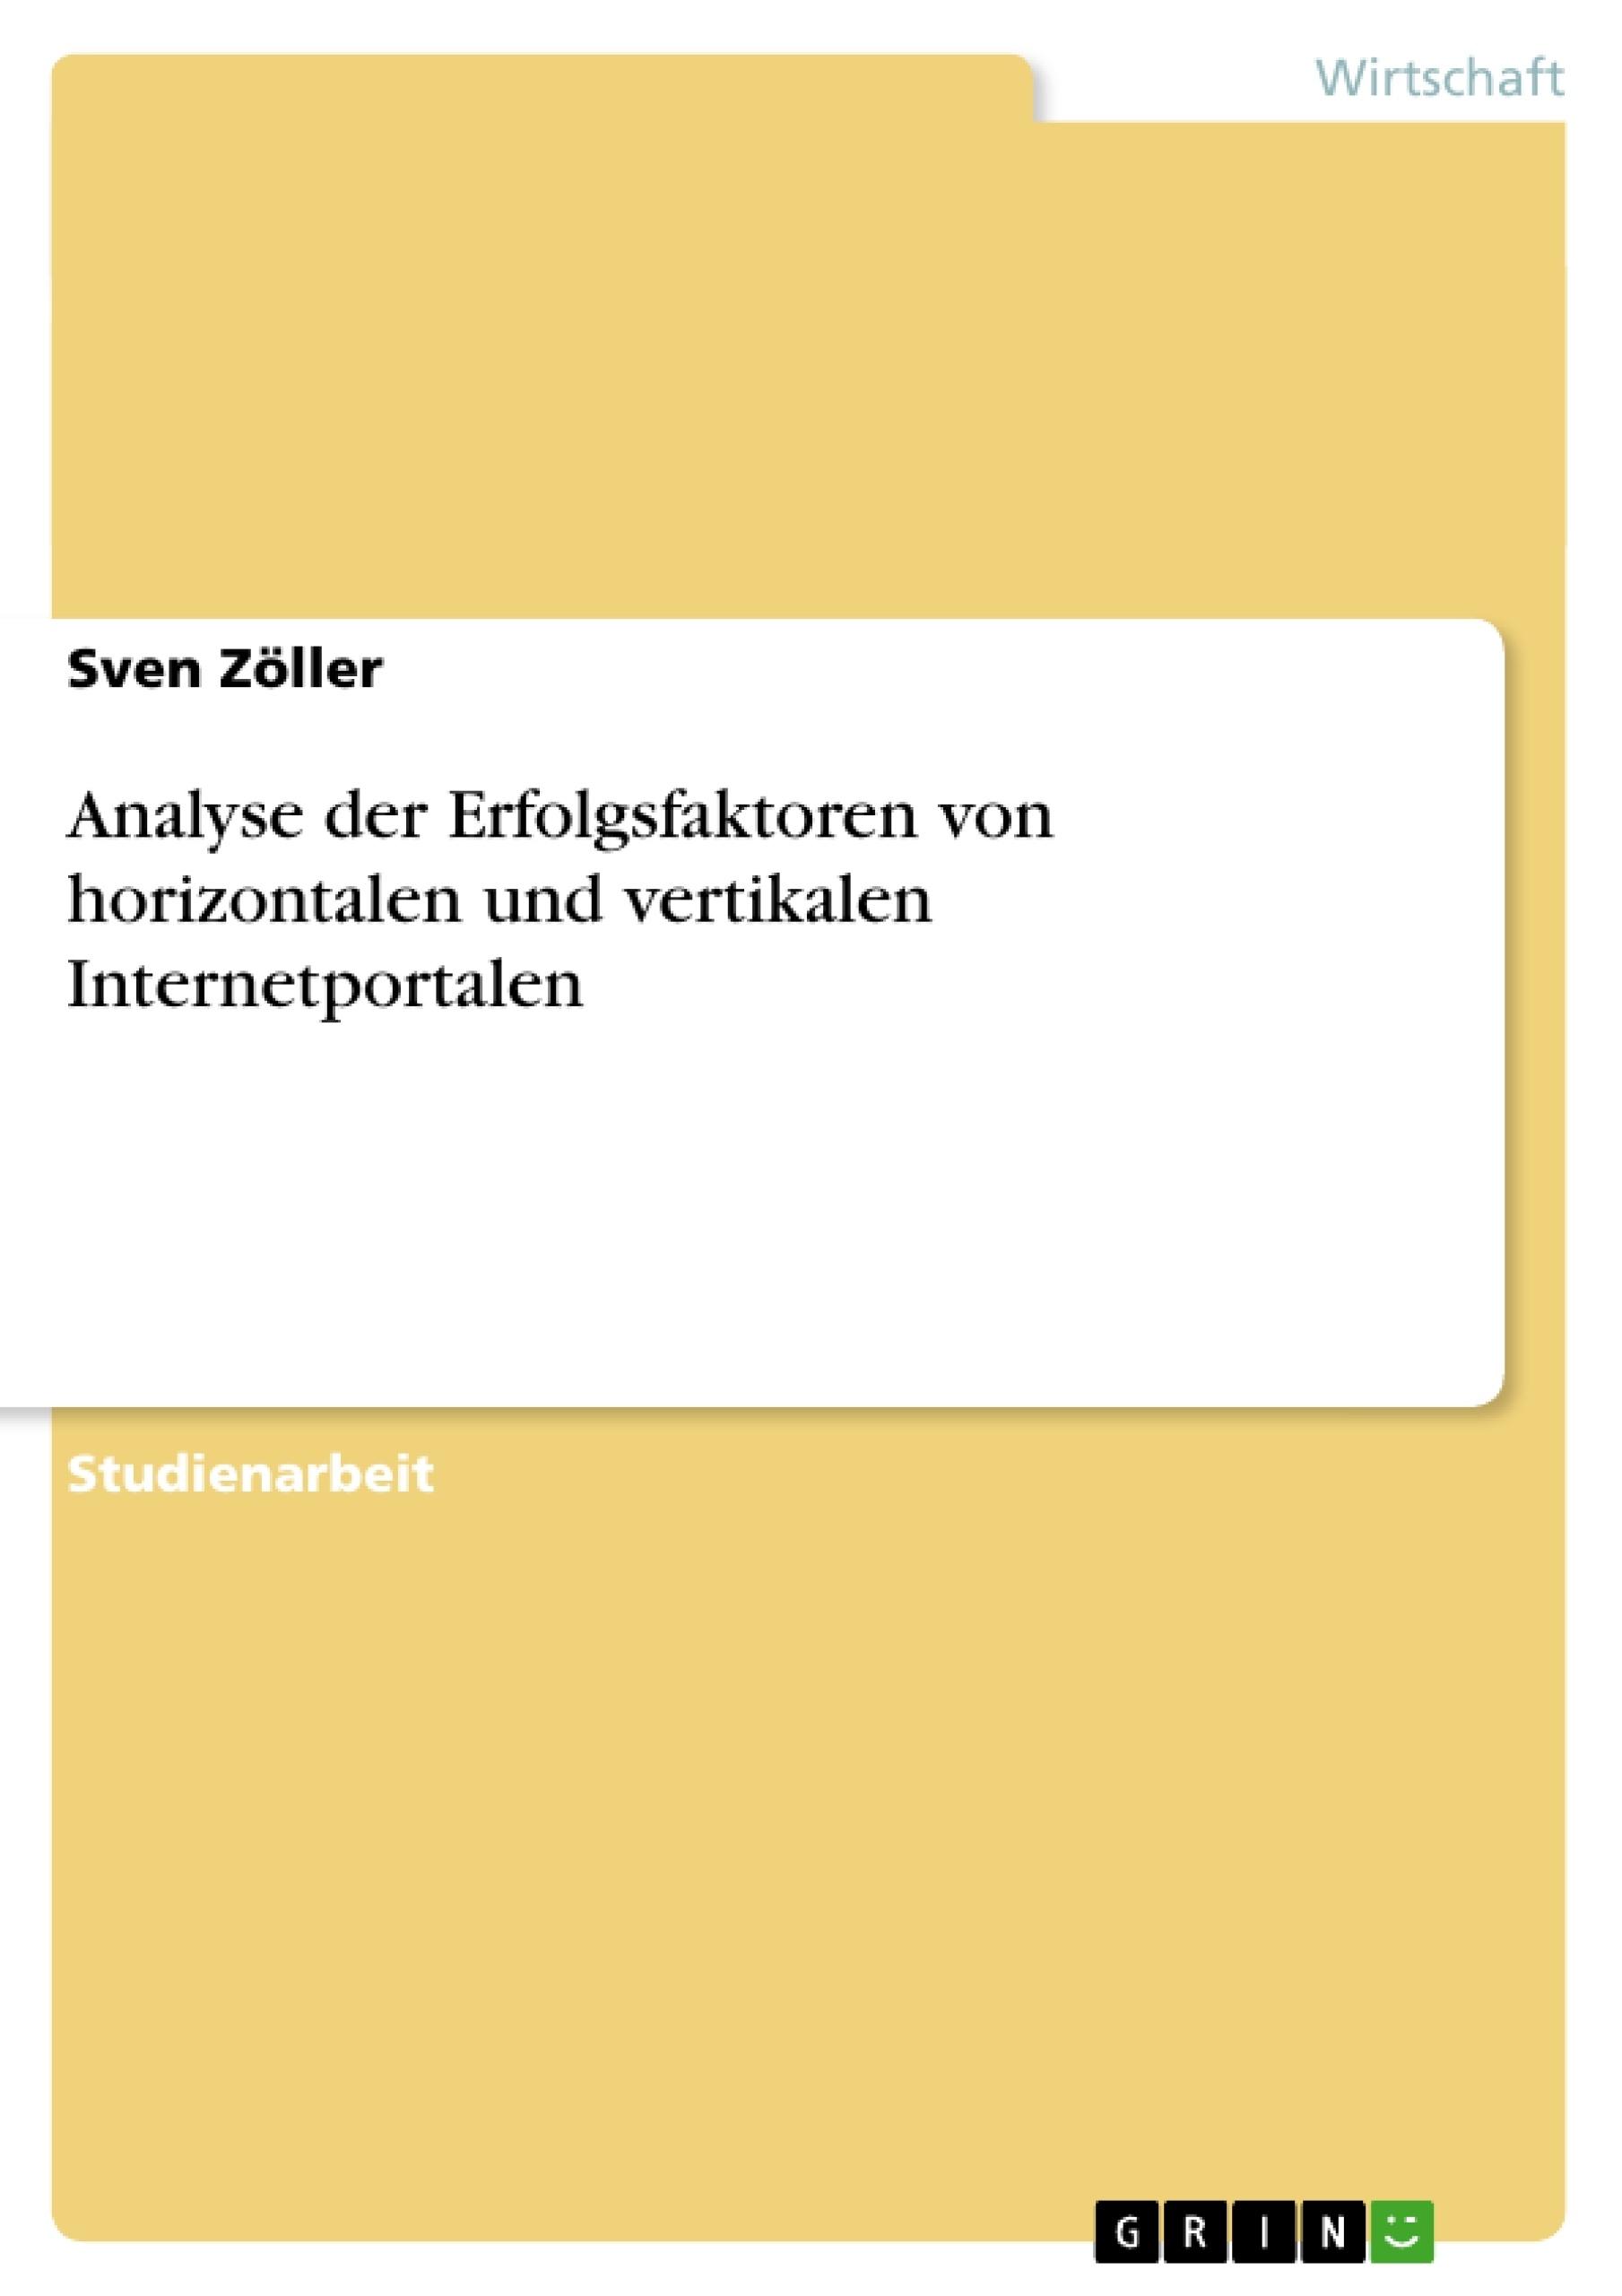 Titel: Analyse der Erfolgsfaktoren von horizontalen und vertikalen Internetportalen